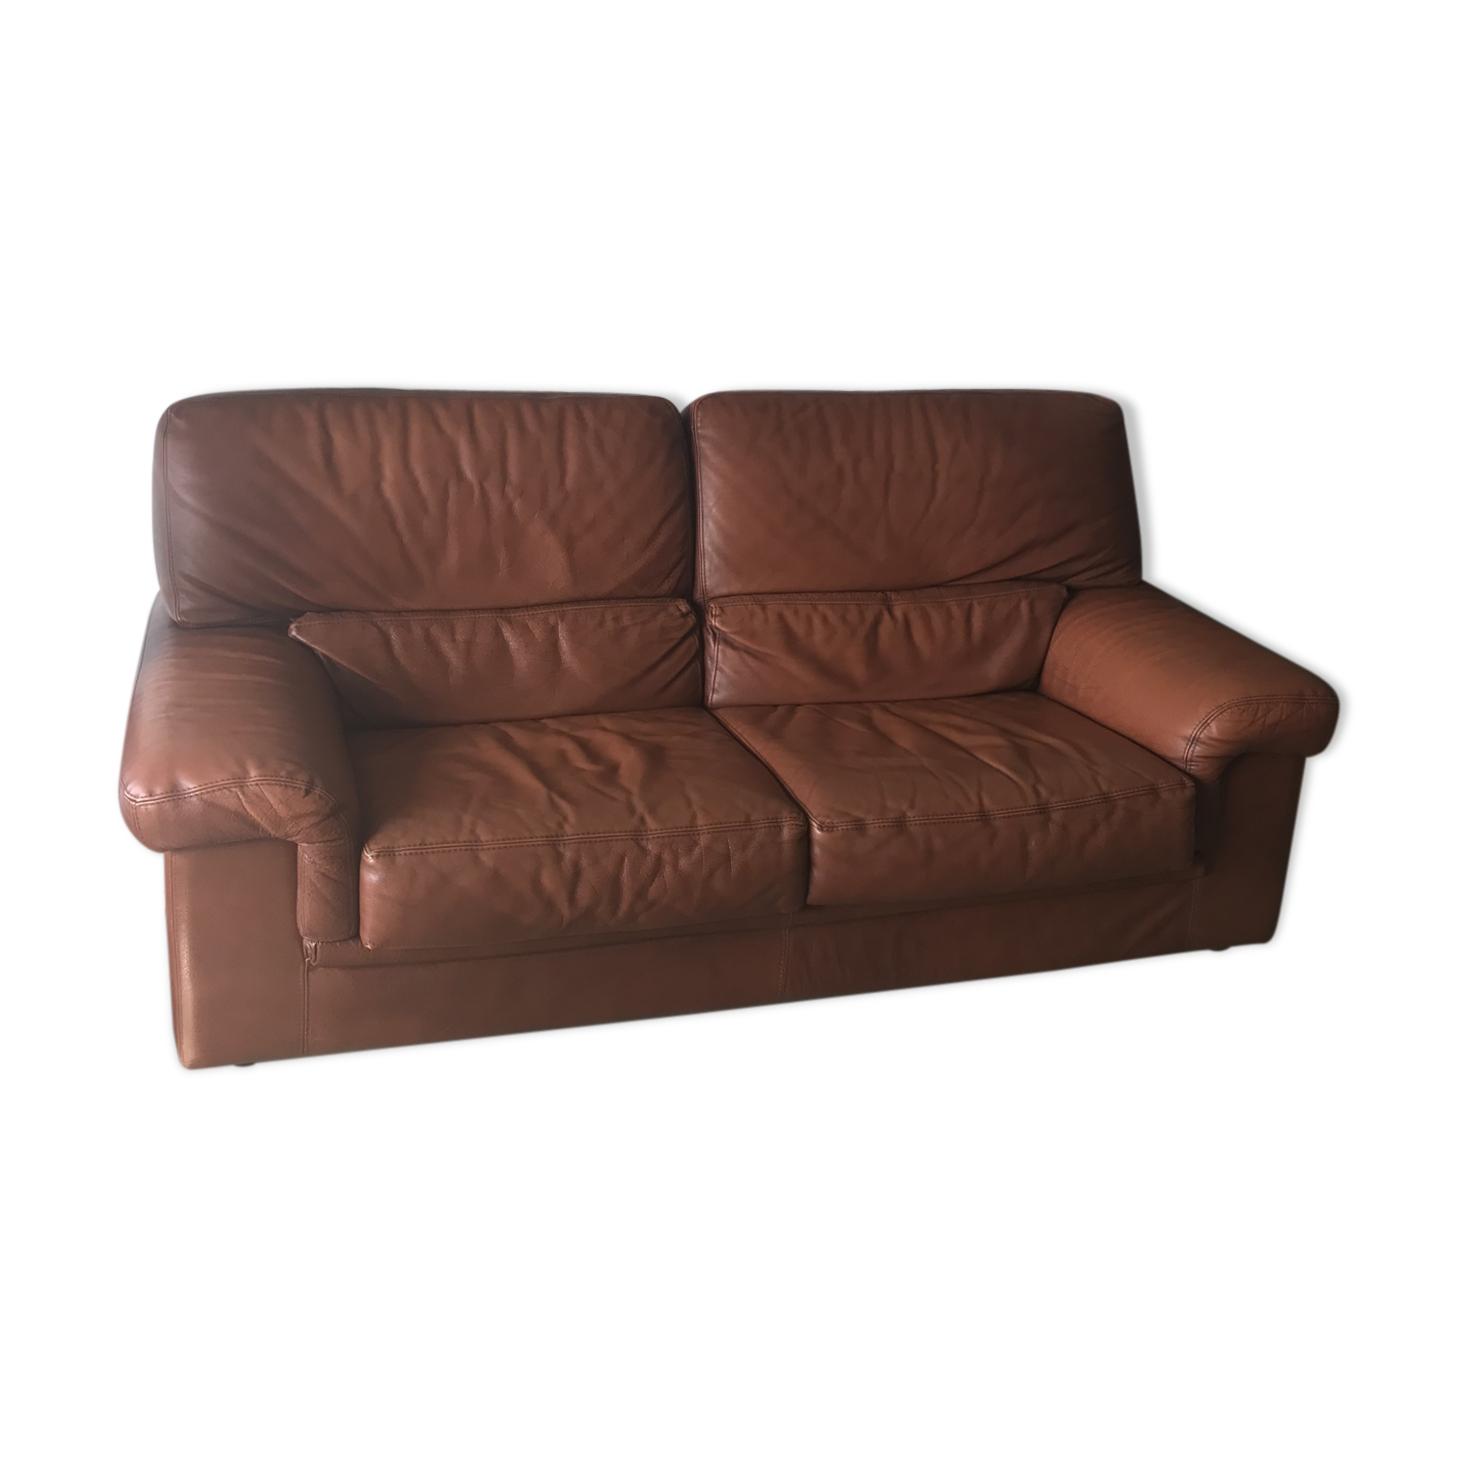 Canapé cuir vintage couleur cognac